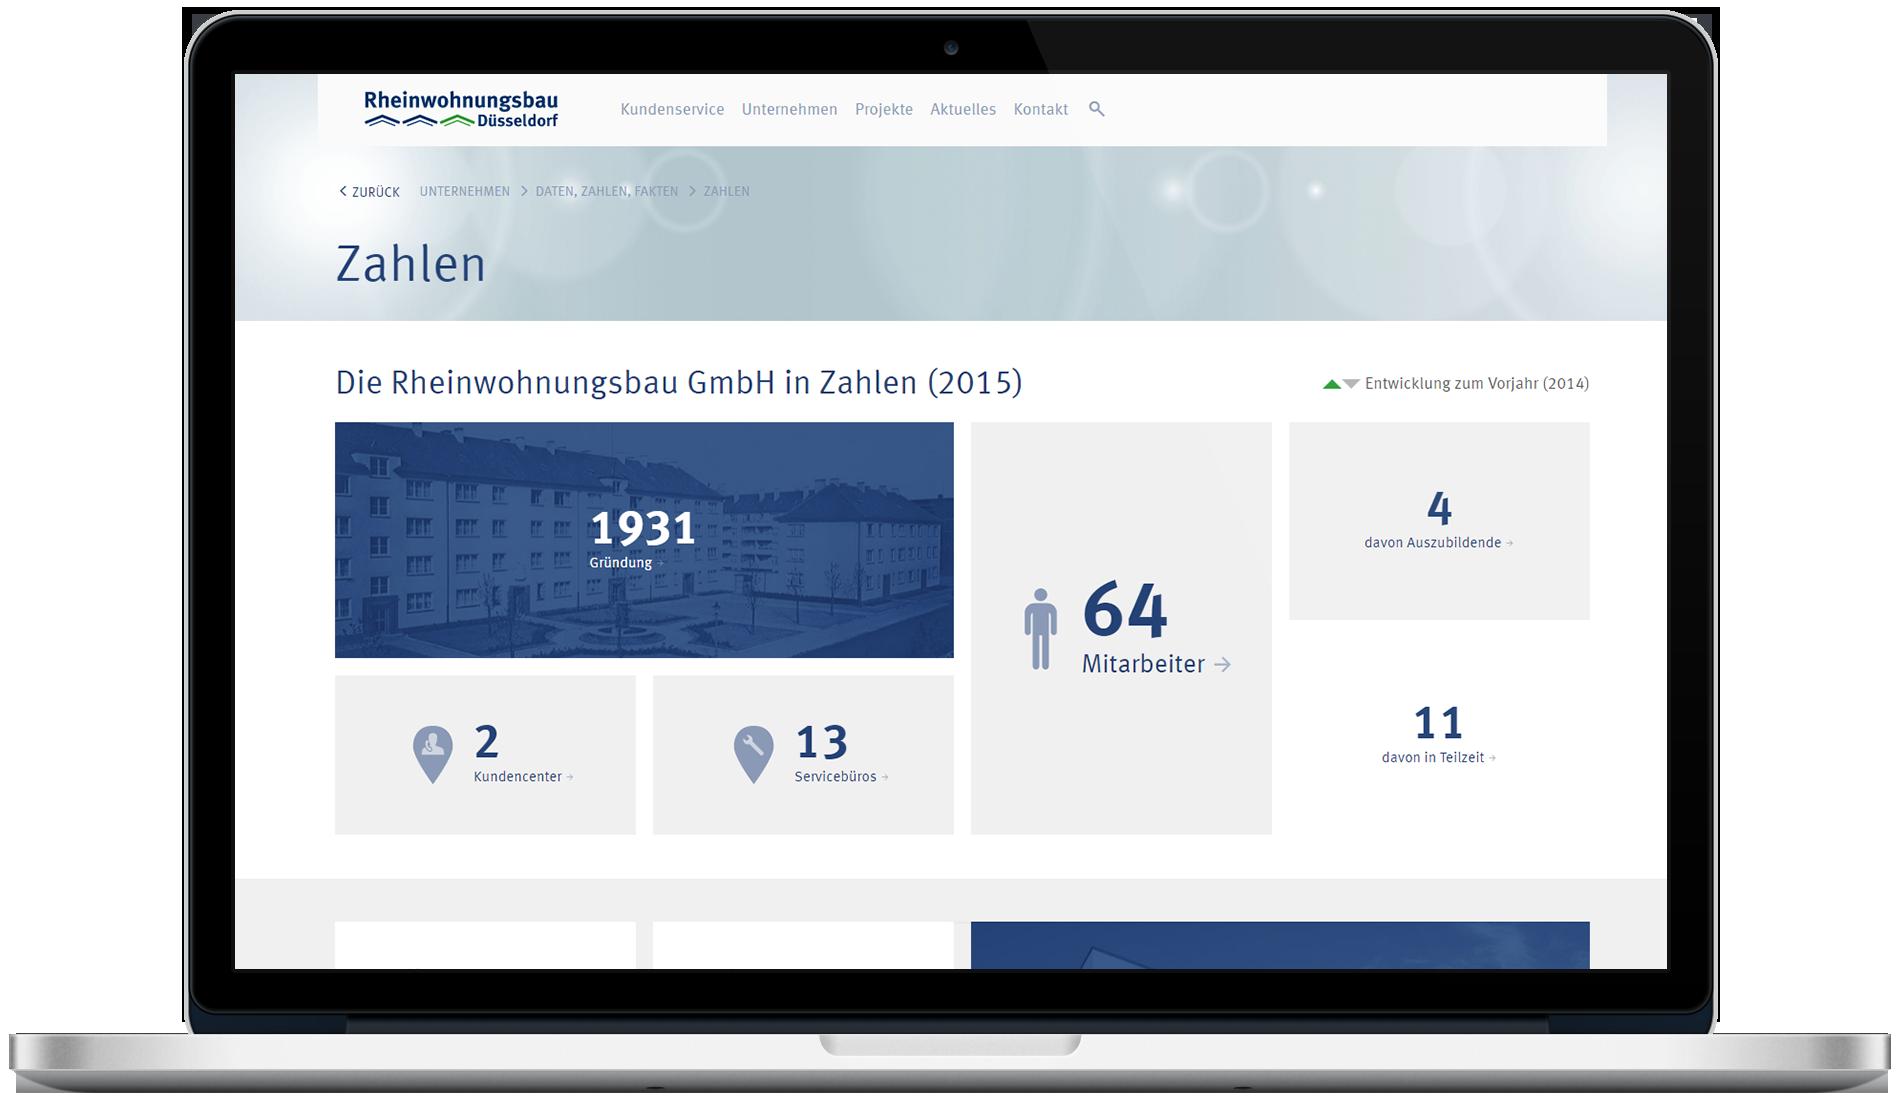 rheinwohnungsbau-website-zahlen_desktop